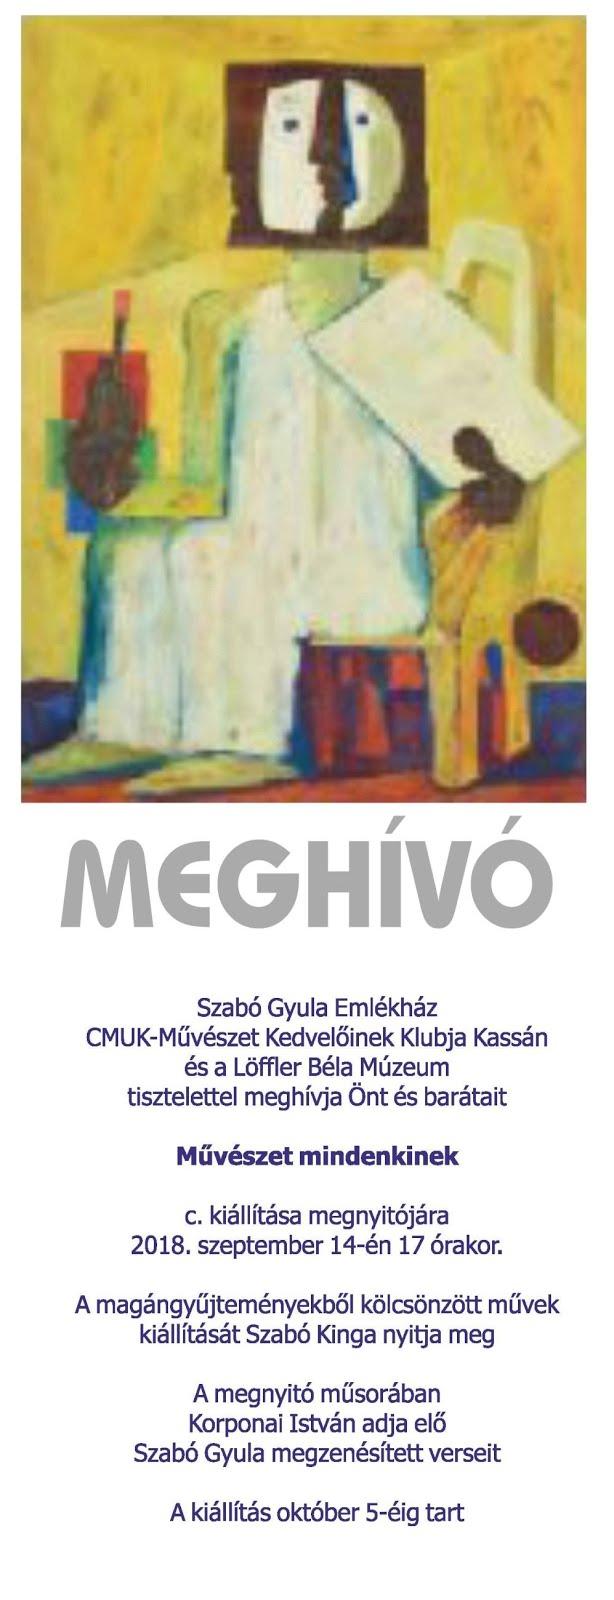 MŰVÉSZET MINDENKINEK c. kiállítás